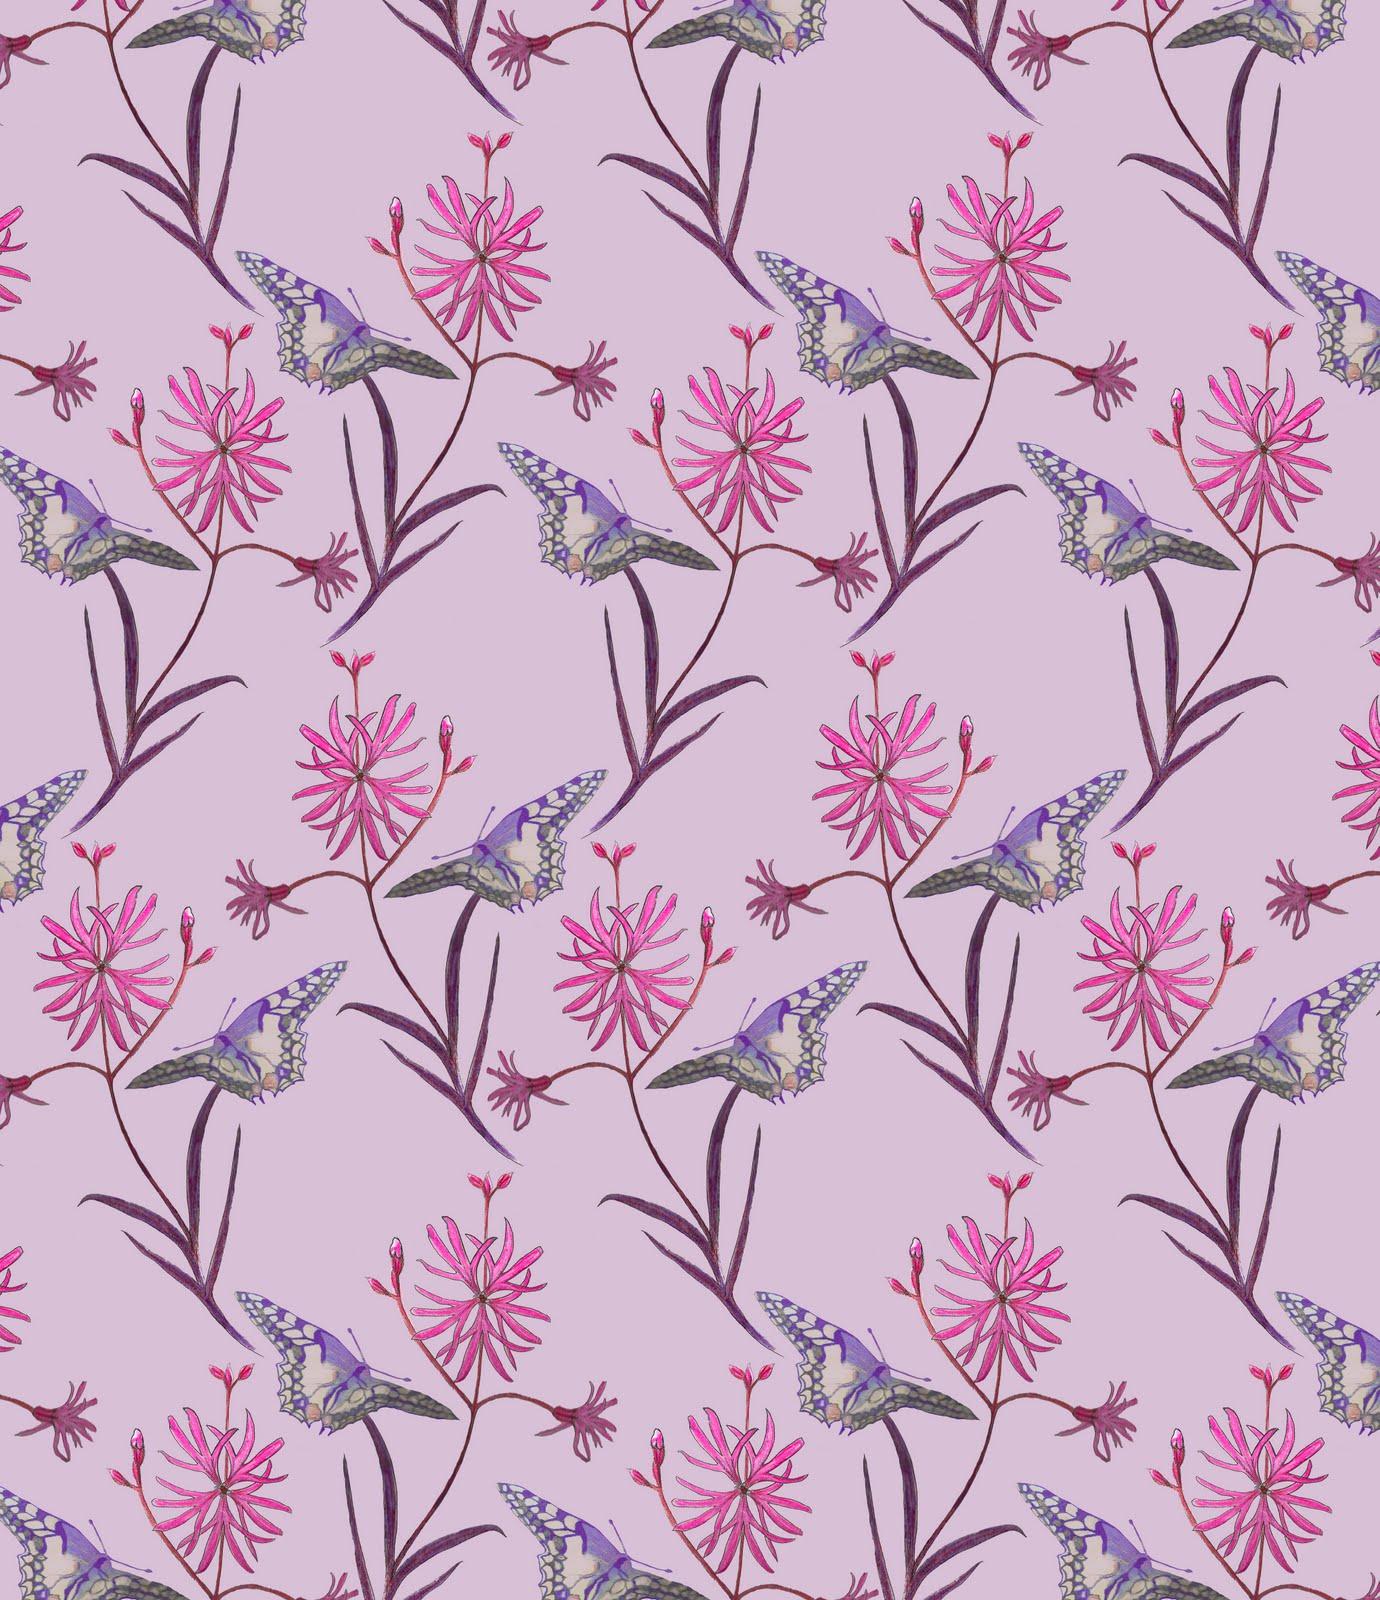 printable wallpaper designs - wallpapersafari